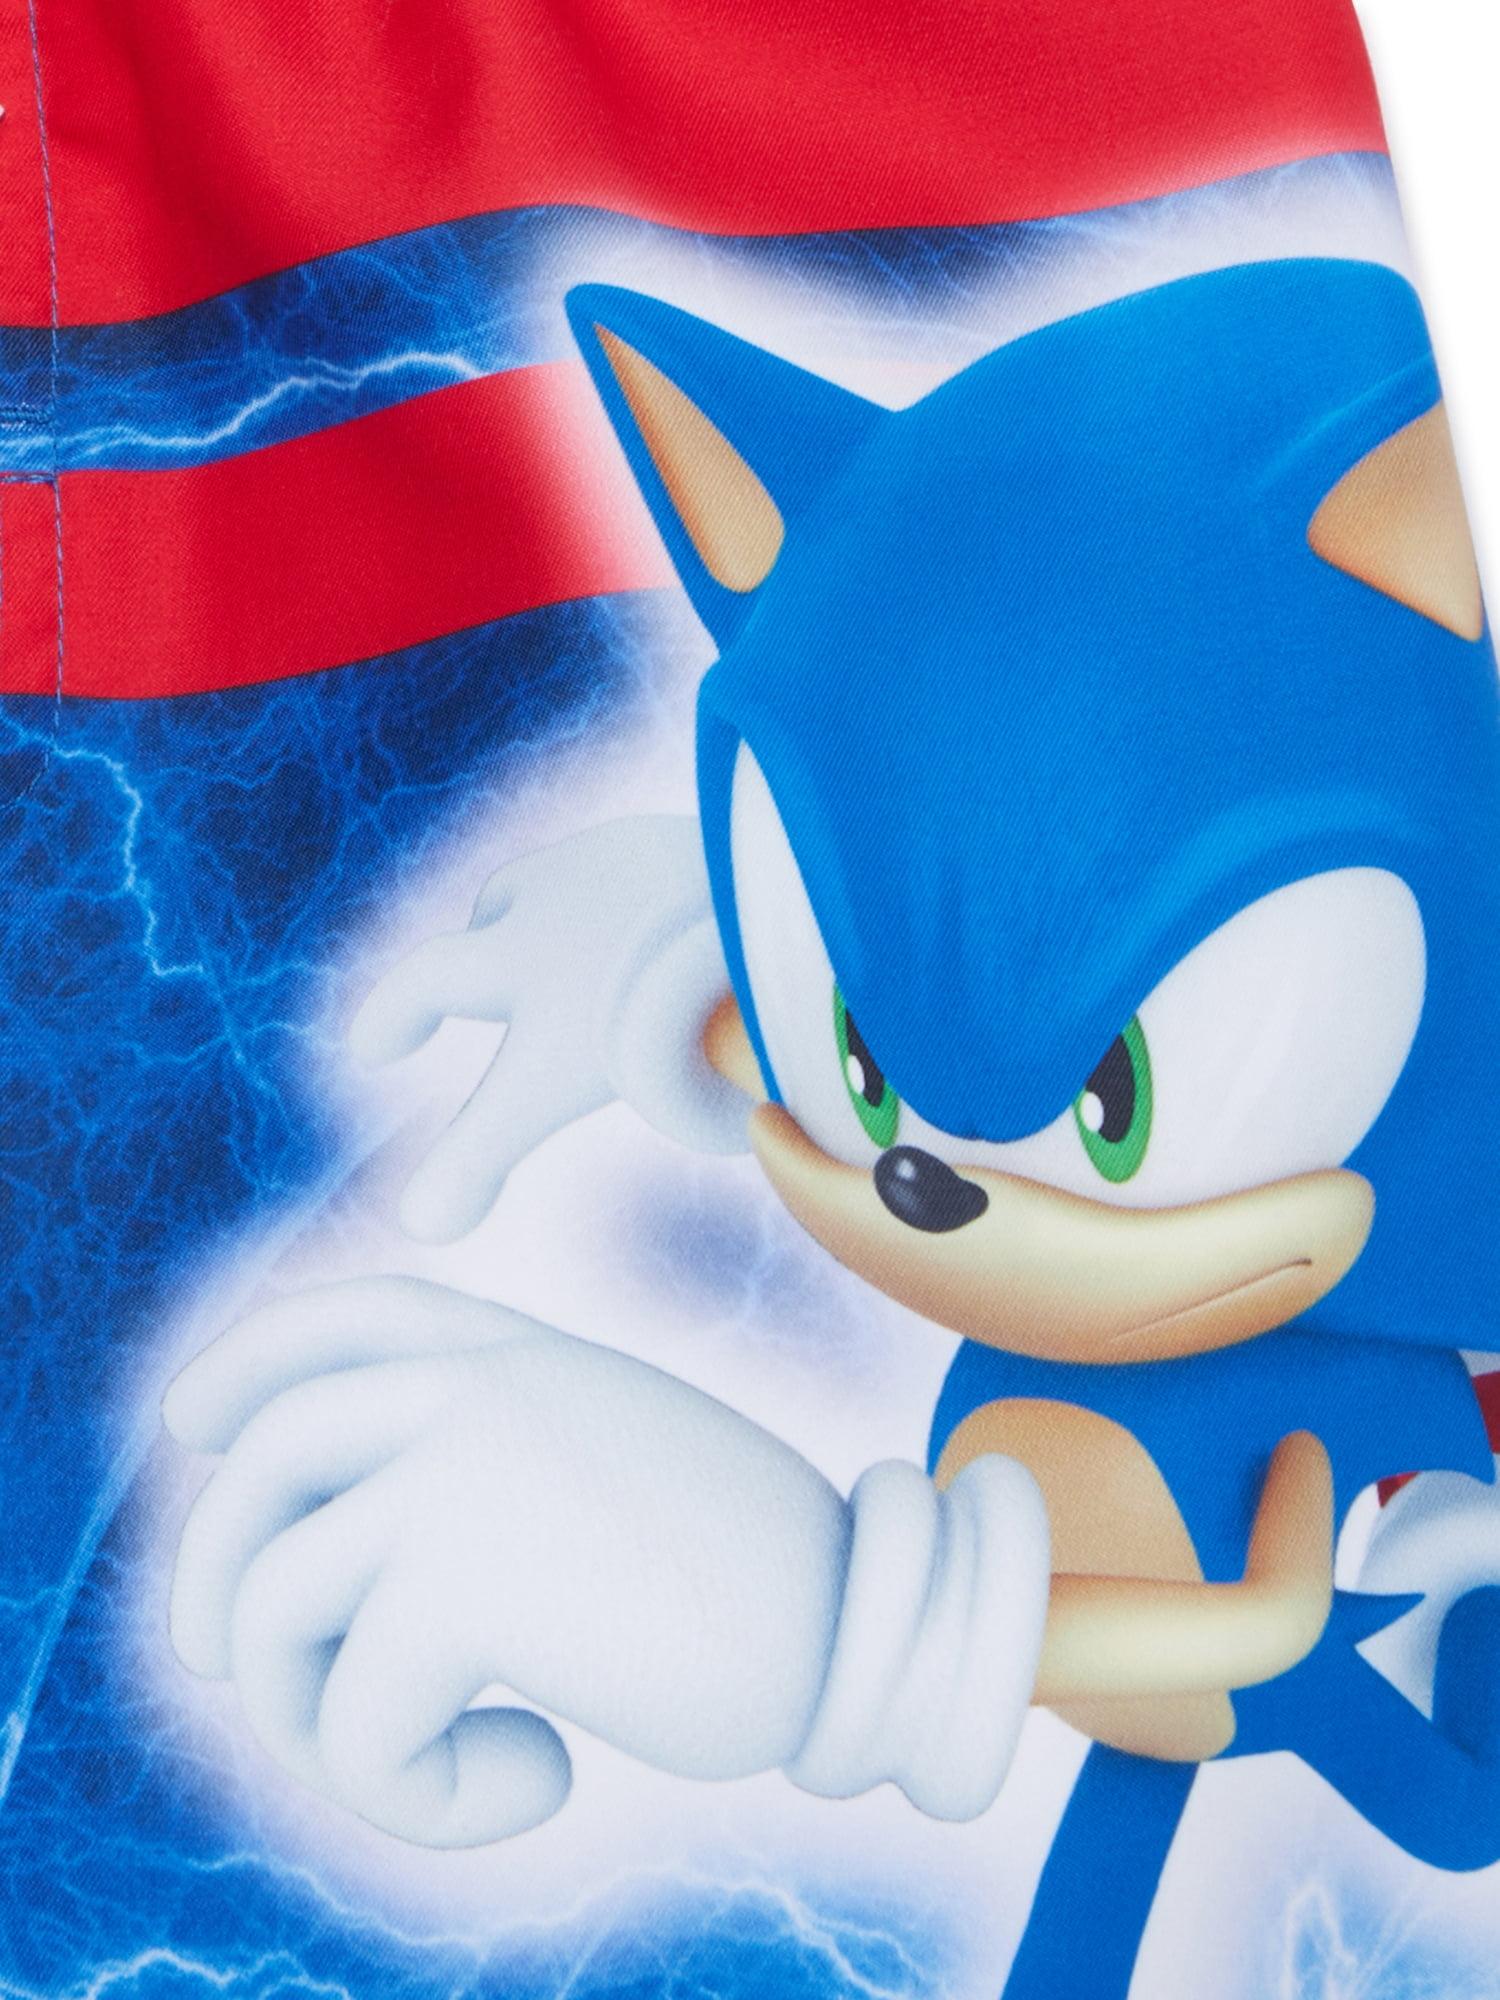 Sonic The Hedgehog Sonic The Hedgehog Boys 4 7 Swim Trunks Walmart Com Walmart Com